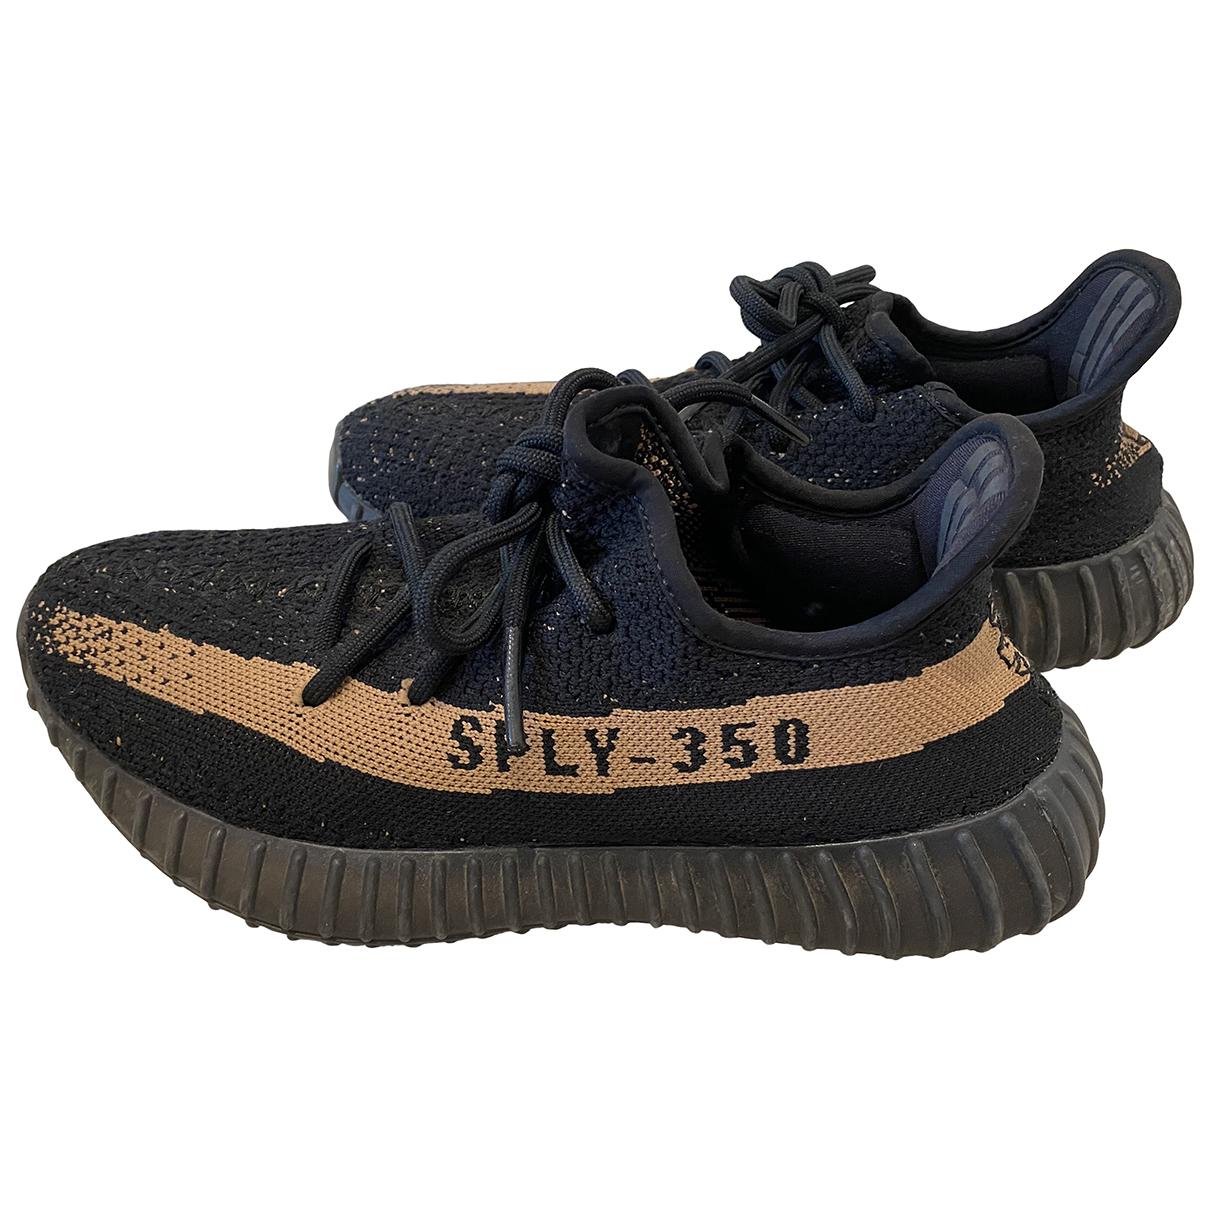 Yeezy X Adidas - Baskets Boost 350 V2 pour femme en toile - noir